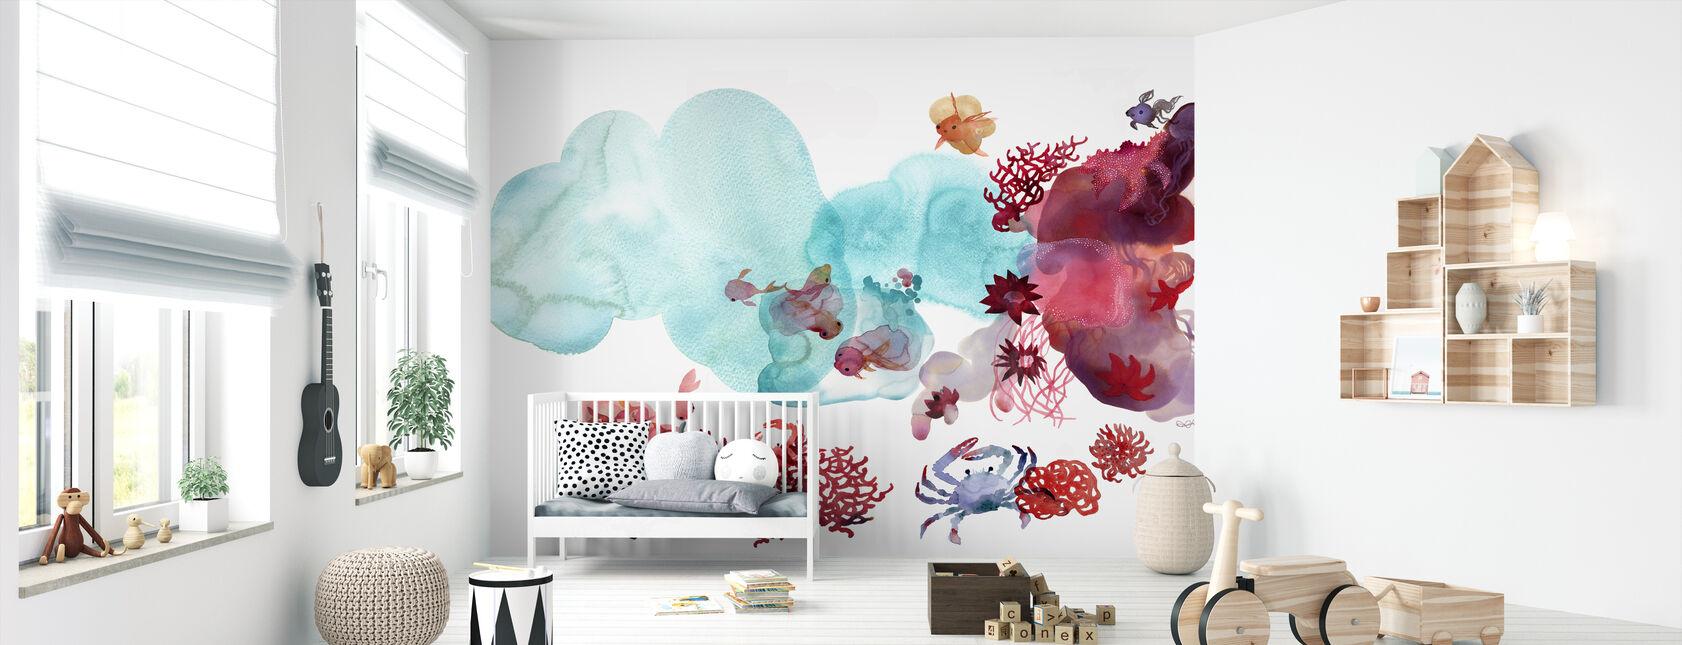 Couleur de l'eau Coral III - Papier peint - Chambre de bébé